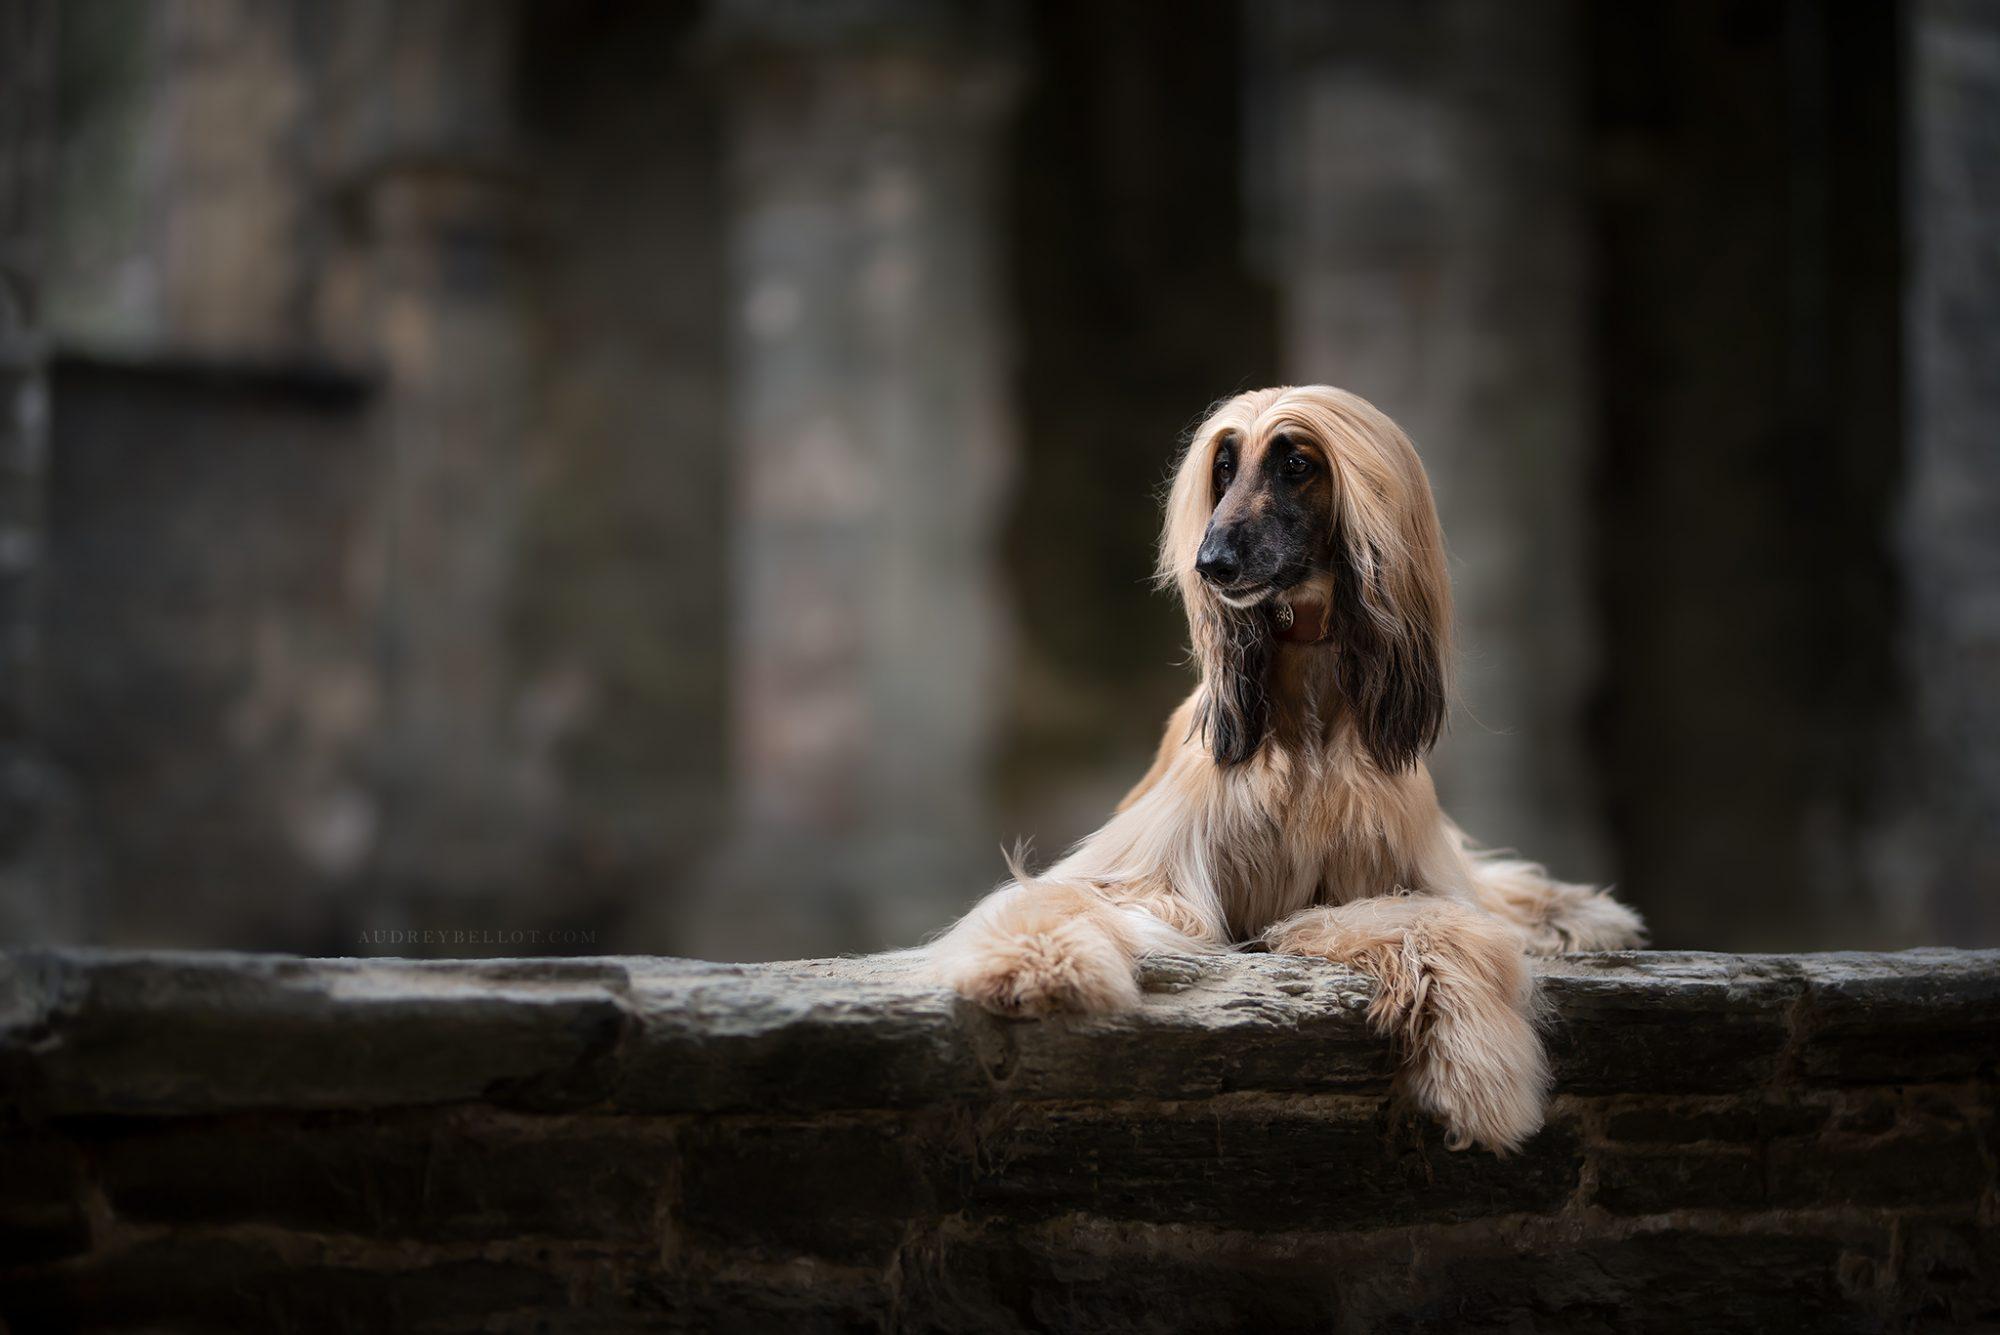 séance photos chiens photographe canin professionnel photographie canin Auvergne France Allier Puy de Dôme Workshop Stage Photo Chien